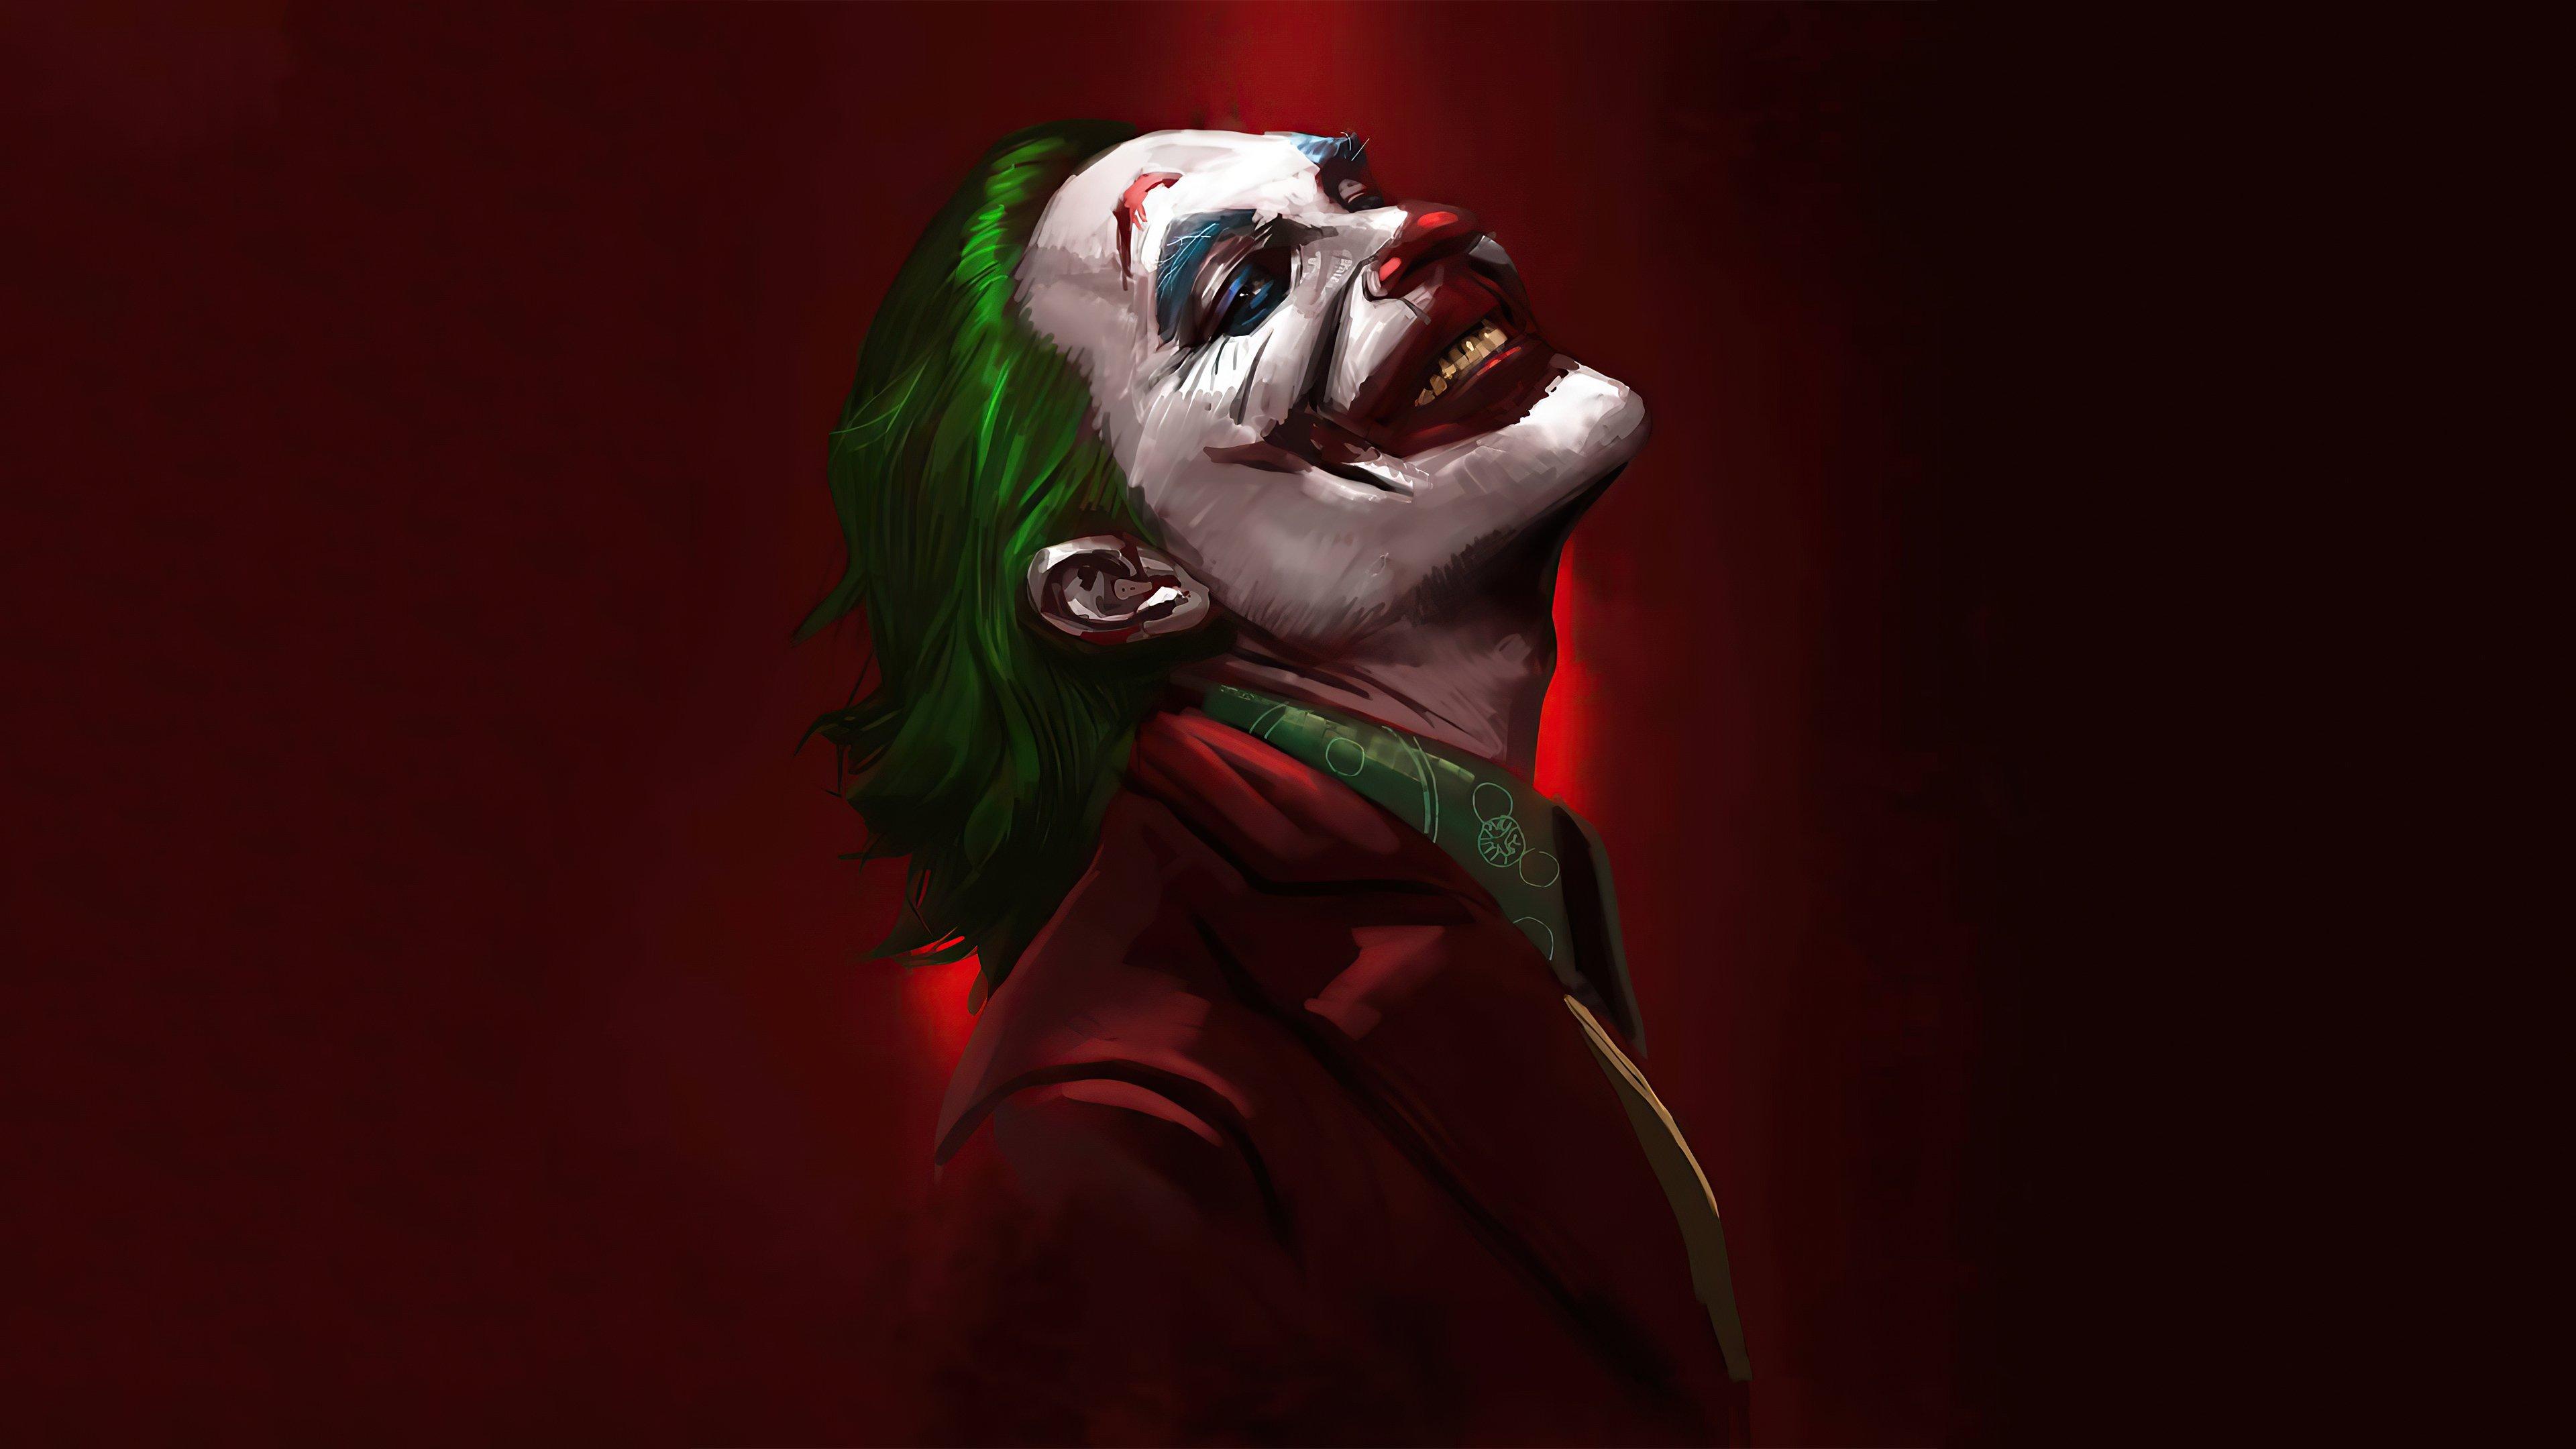 Wallpaper Joker smiling